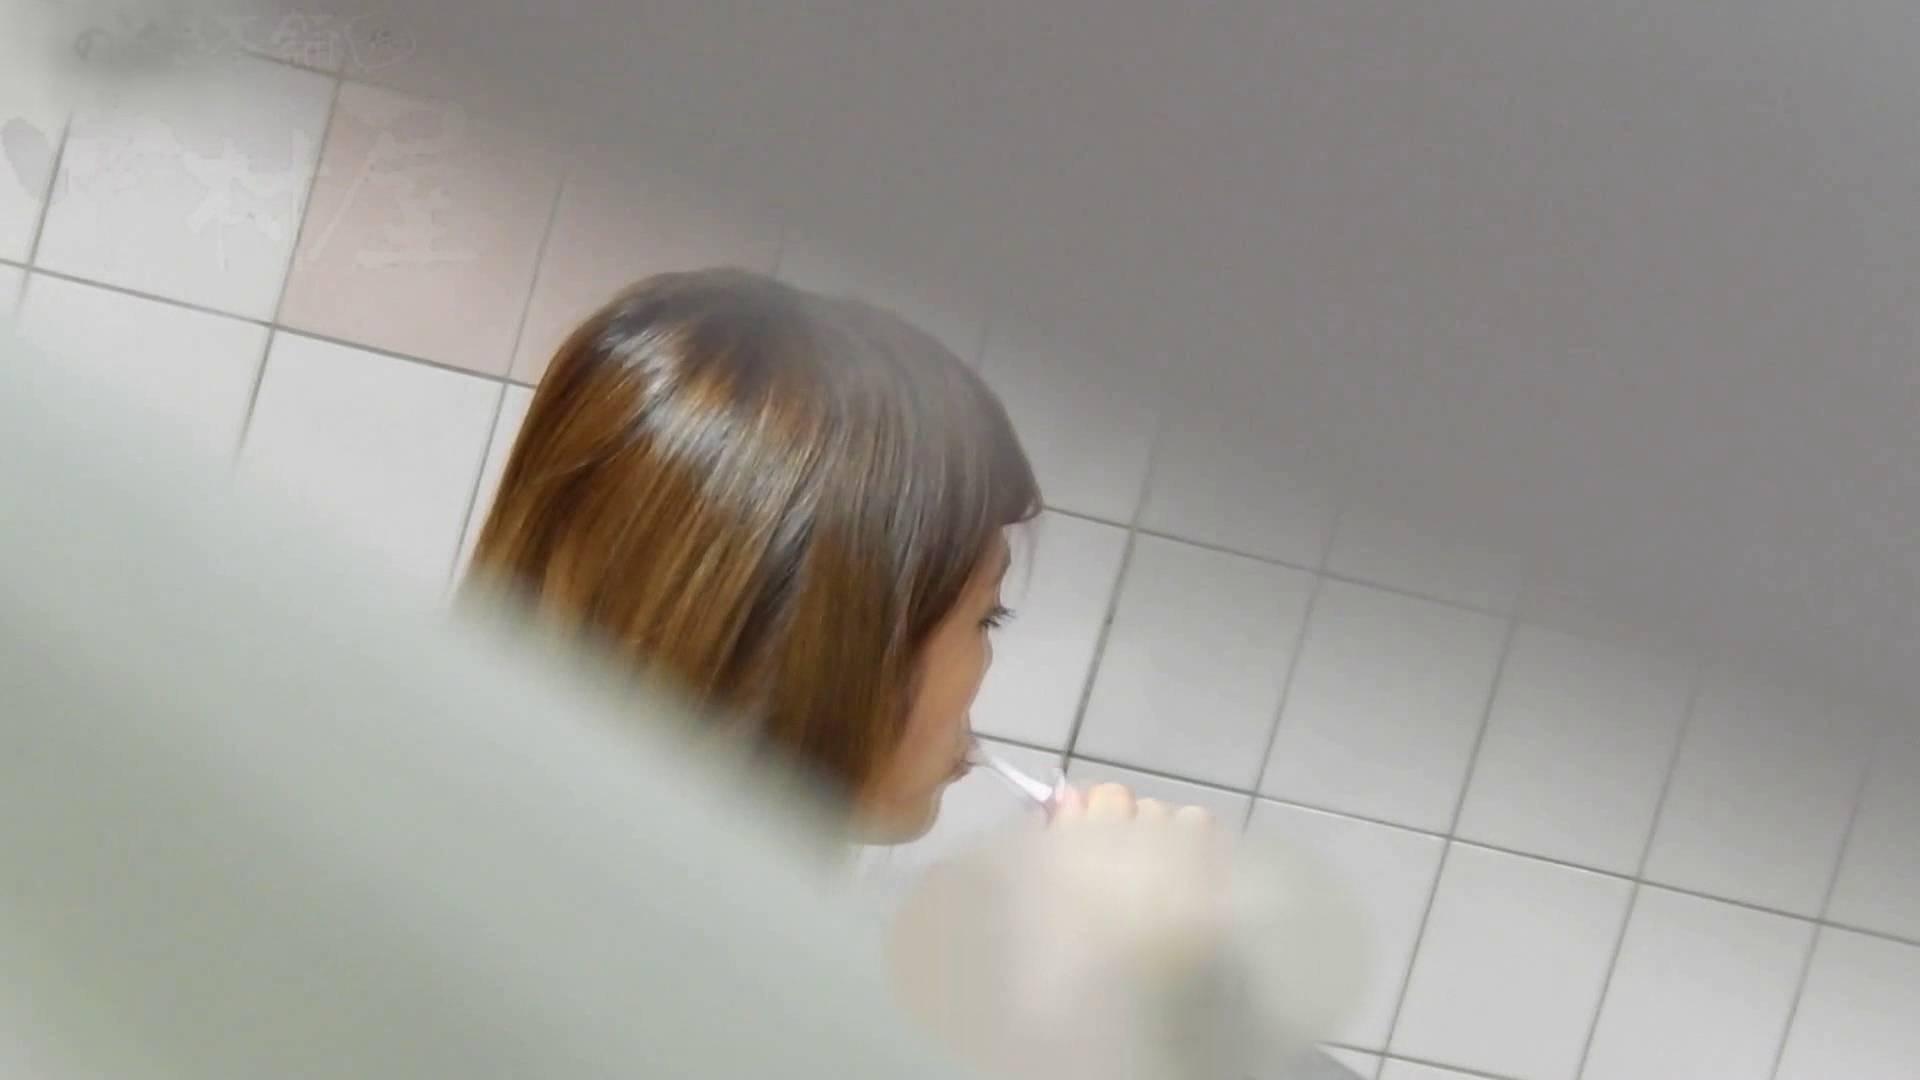 美しい日本の未来 No.08 腕を磨き再発進 女子トイレ 盗み撮り動画 51連発 10